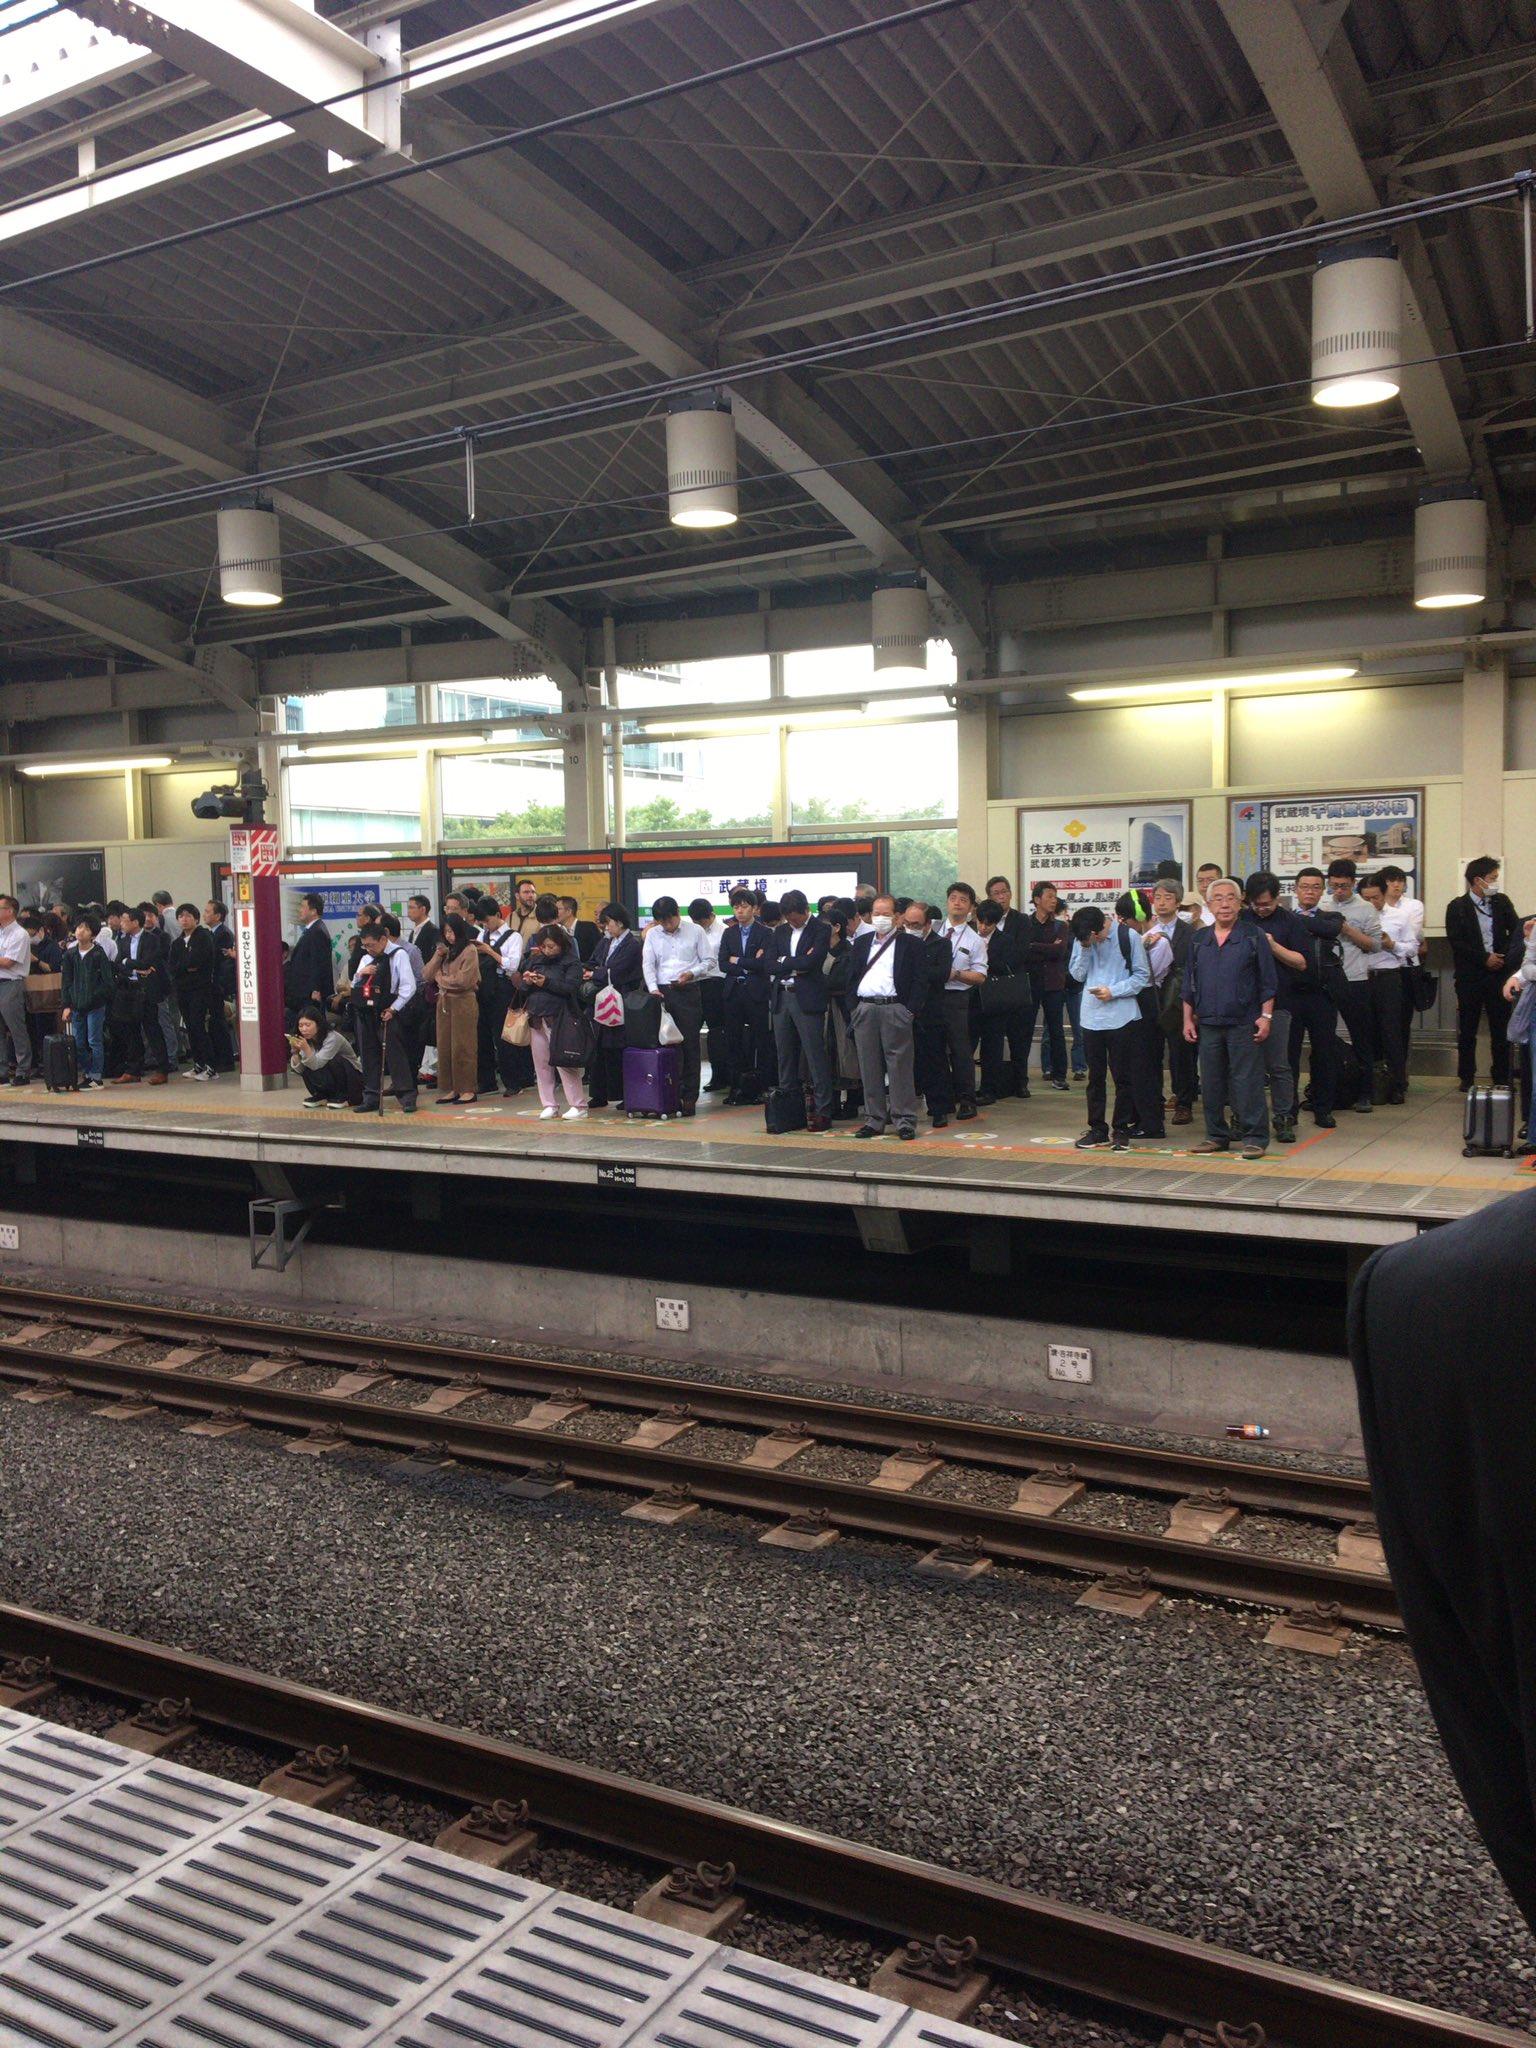 中央線の武蔵境駅で人身事故が起きた現場の画像